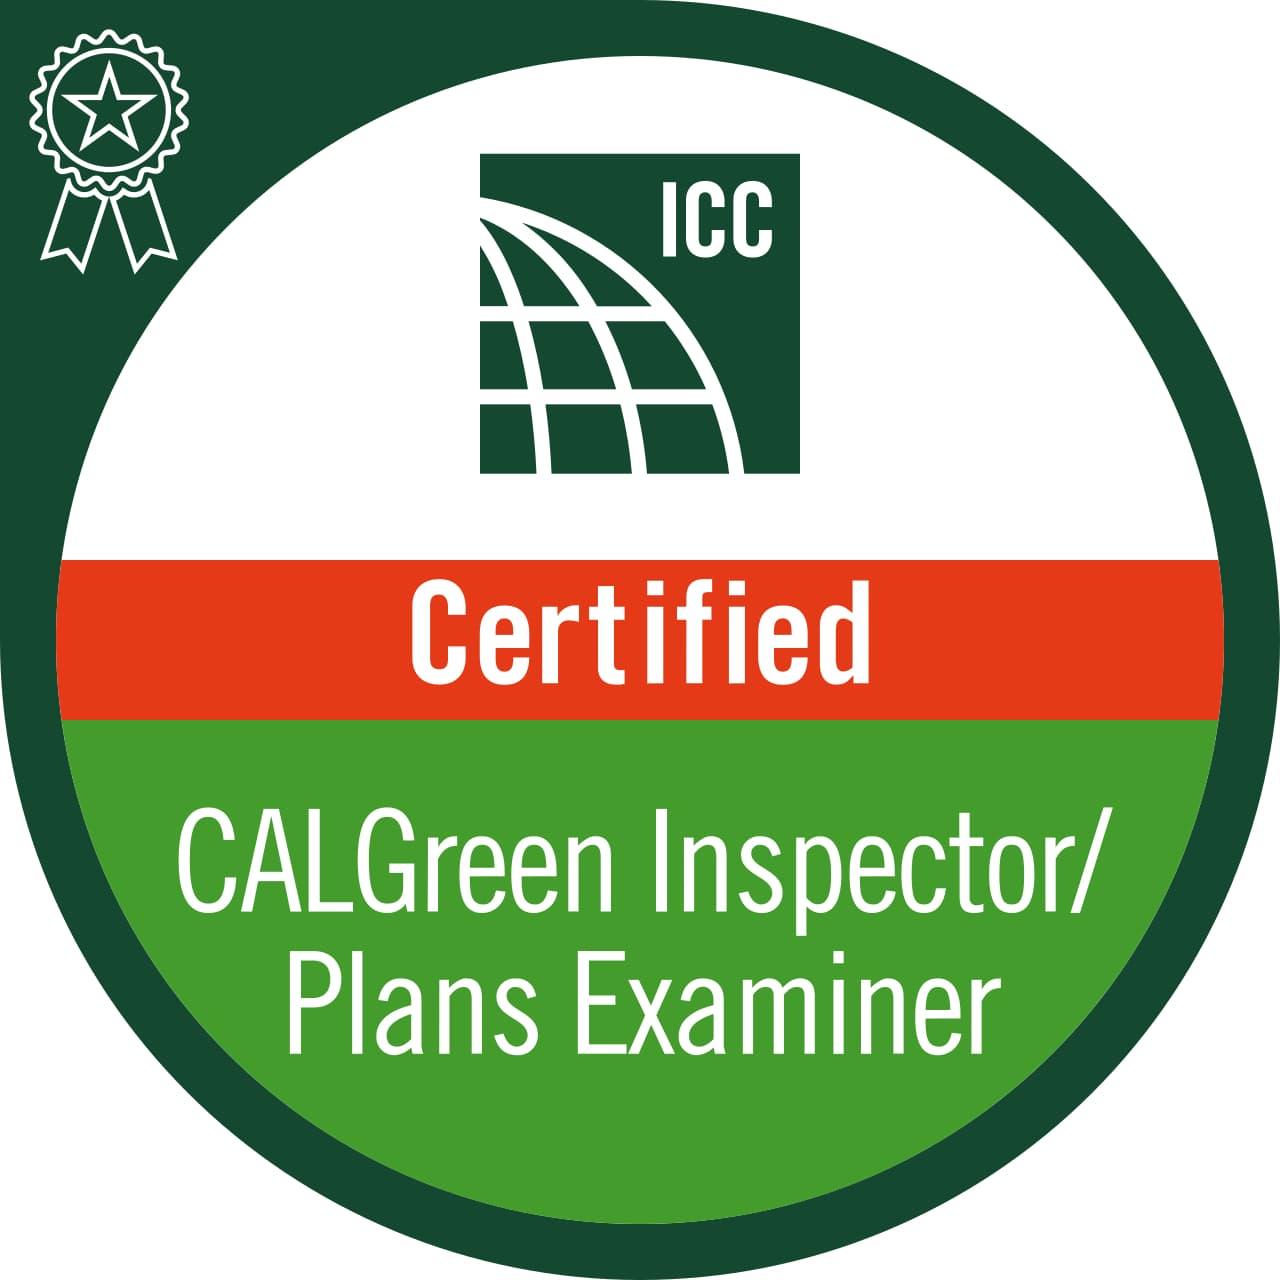 ICC Certified CalGreen Inspector